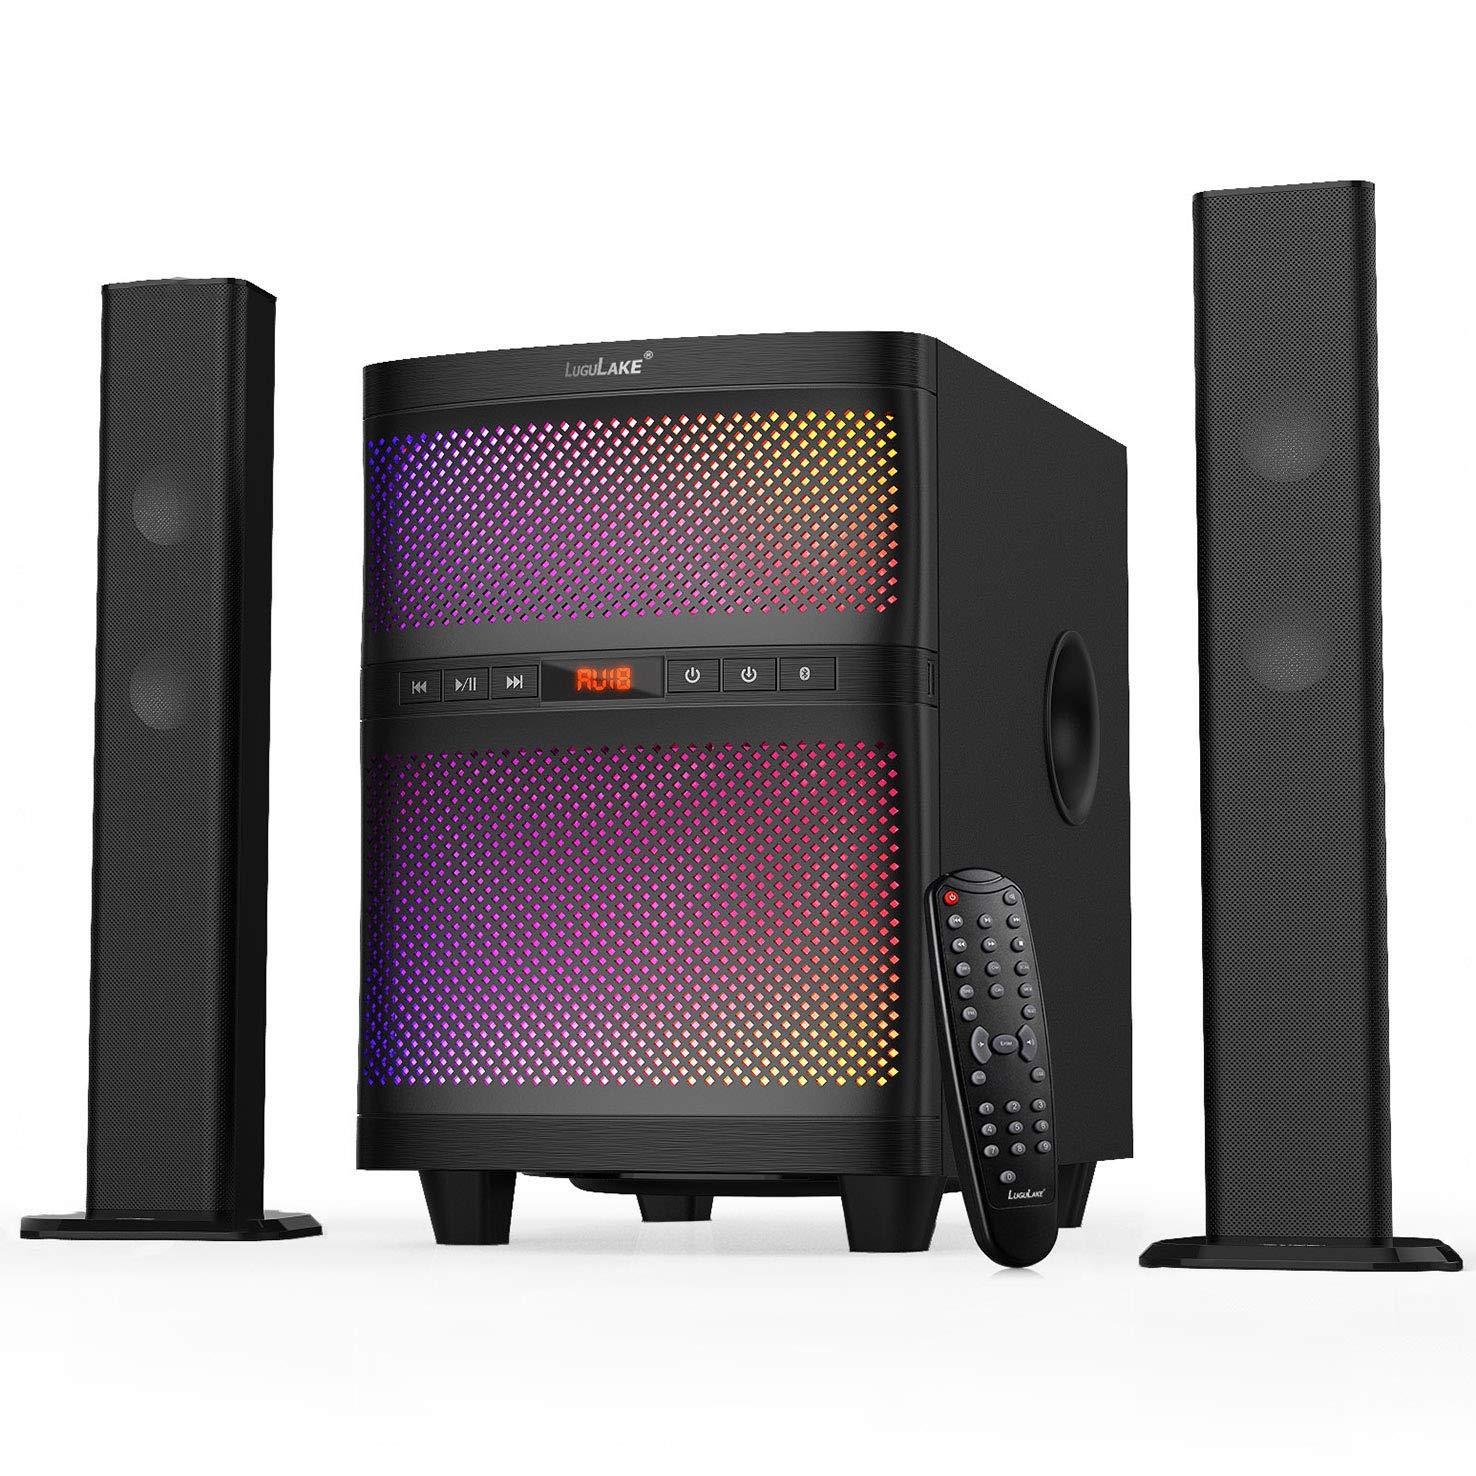 LuguLake 3 en 1 Barras de Sonido con Subwoofer, Amplificador de Audio para Cine en Casa,